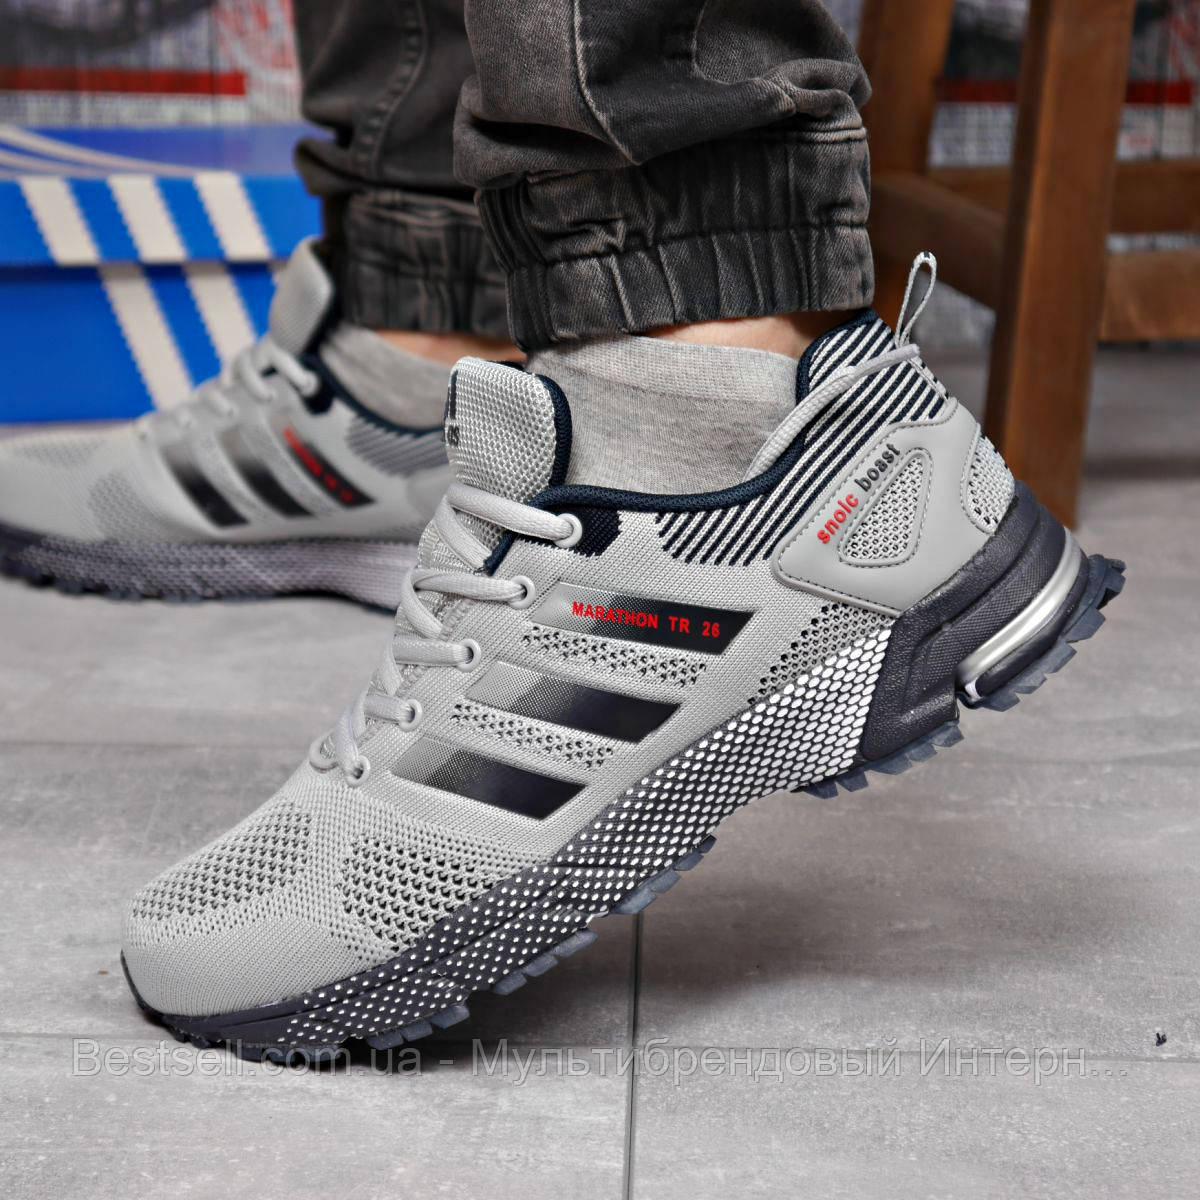 Кросівки чоловічі 18221, Adidas Marathon Tr 26, сірі, [ 44 46 ] р. 43-28,0 див.